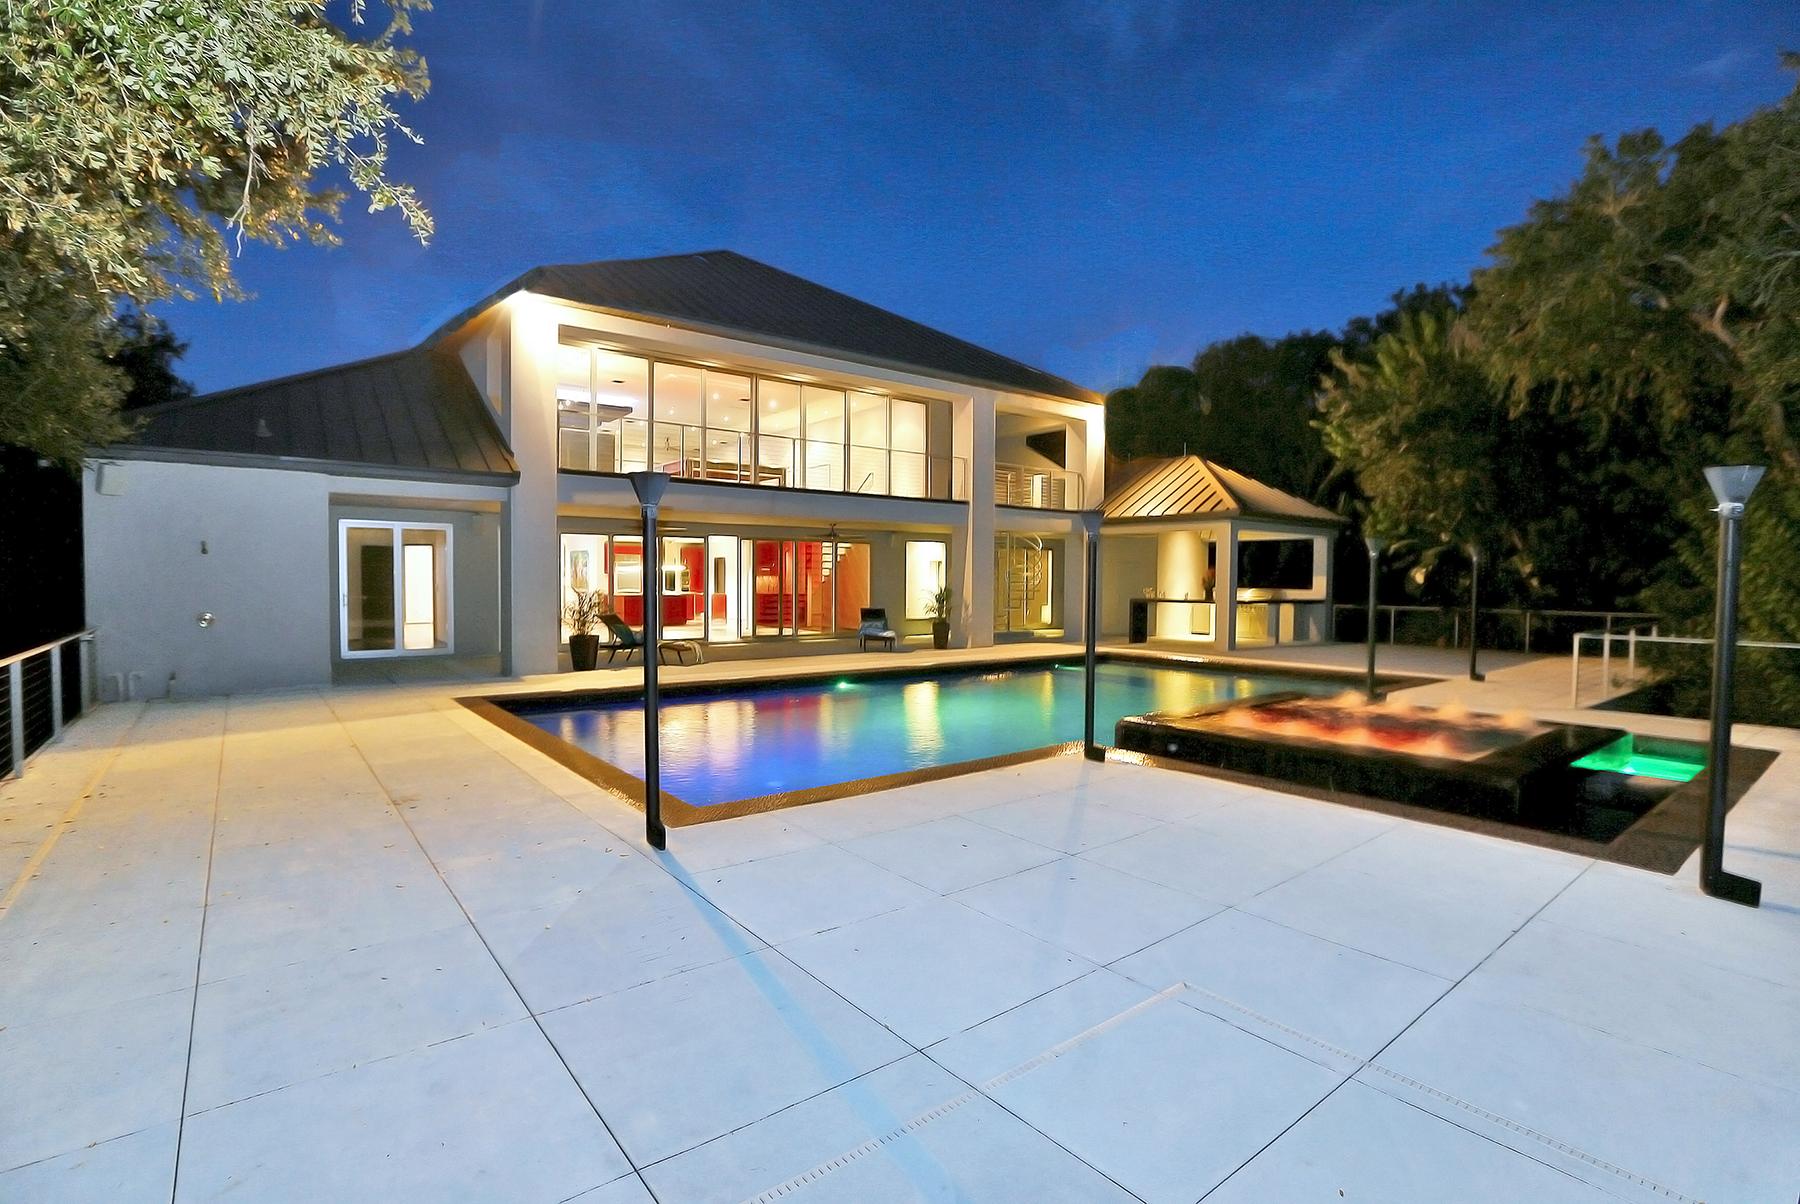 단독 가정 주택 용 매매 에 DAYTONA BEACH - PONCE INLET 4542 S Peninsula Dr Ponce Inlet, 플로리다, 32127 미국